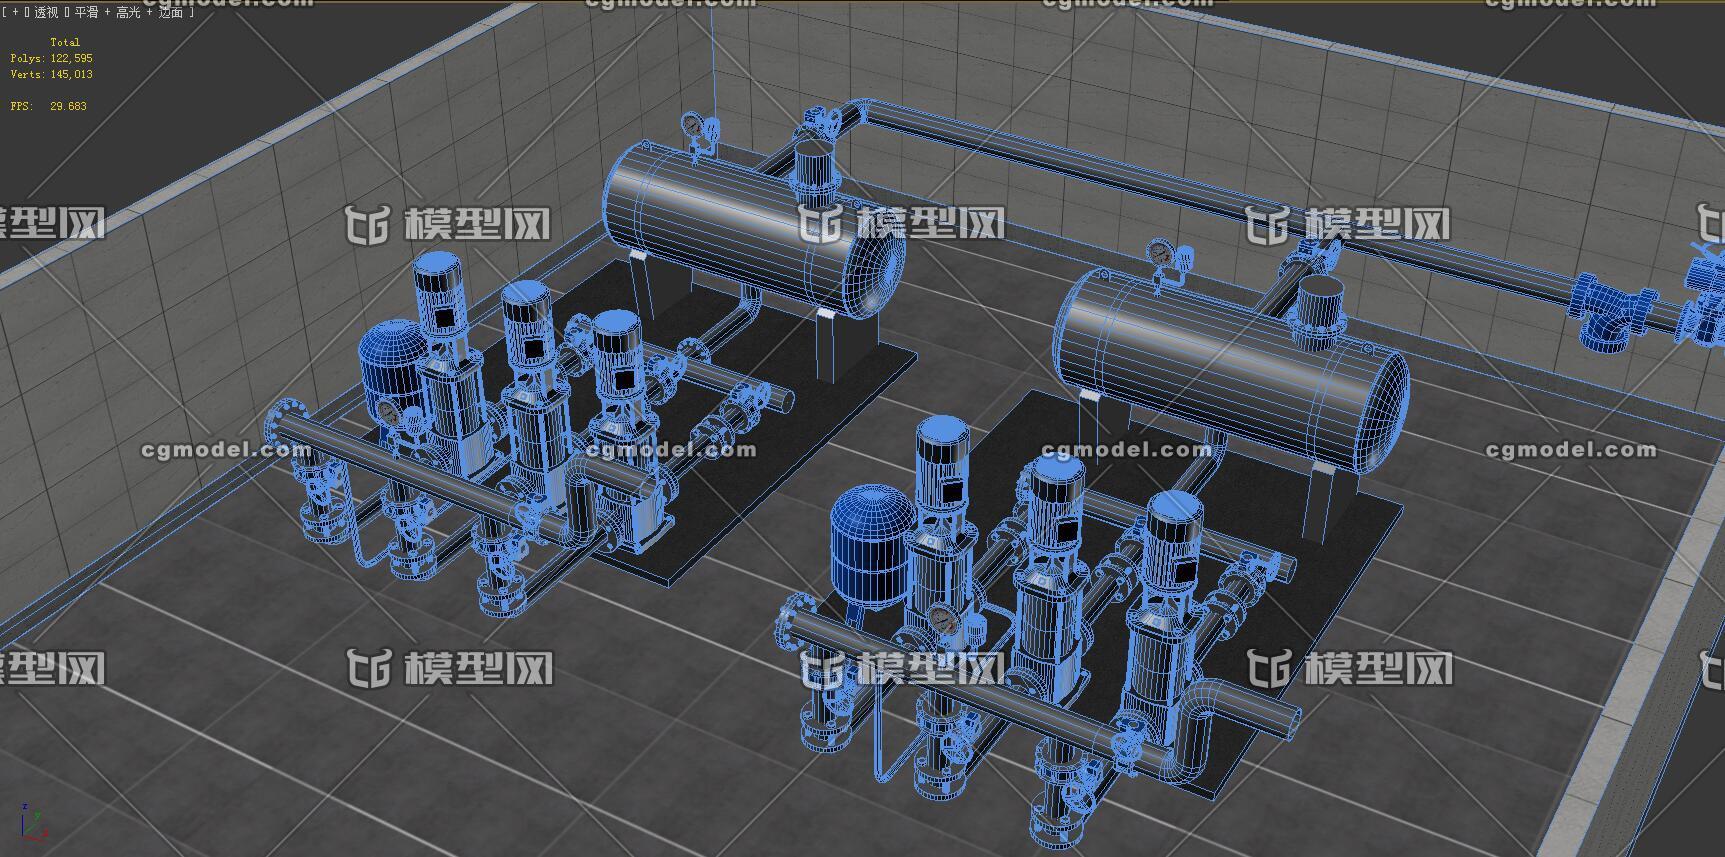 给水泵站设计_供水泵站泵房-CG模型网(cgmodel)-让设计更有价值!